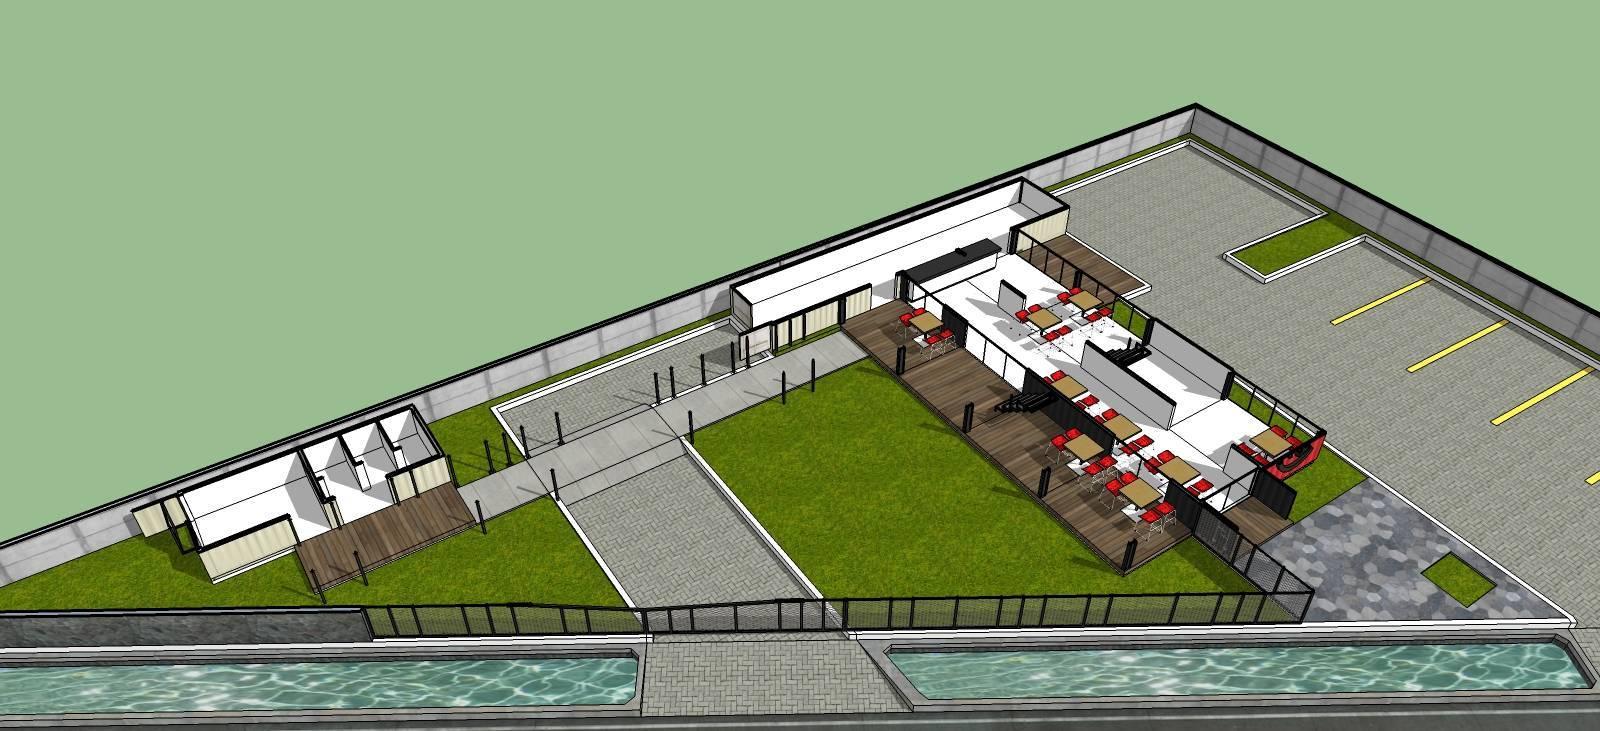 Arsita Studio Architecture Maco Cafe Gresik, Jawa Timur Gresik, Jawa Timur Floor-1 Industrial  3285